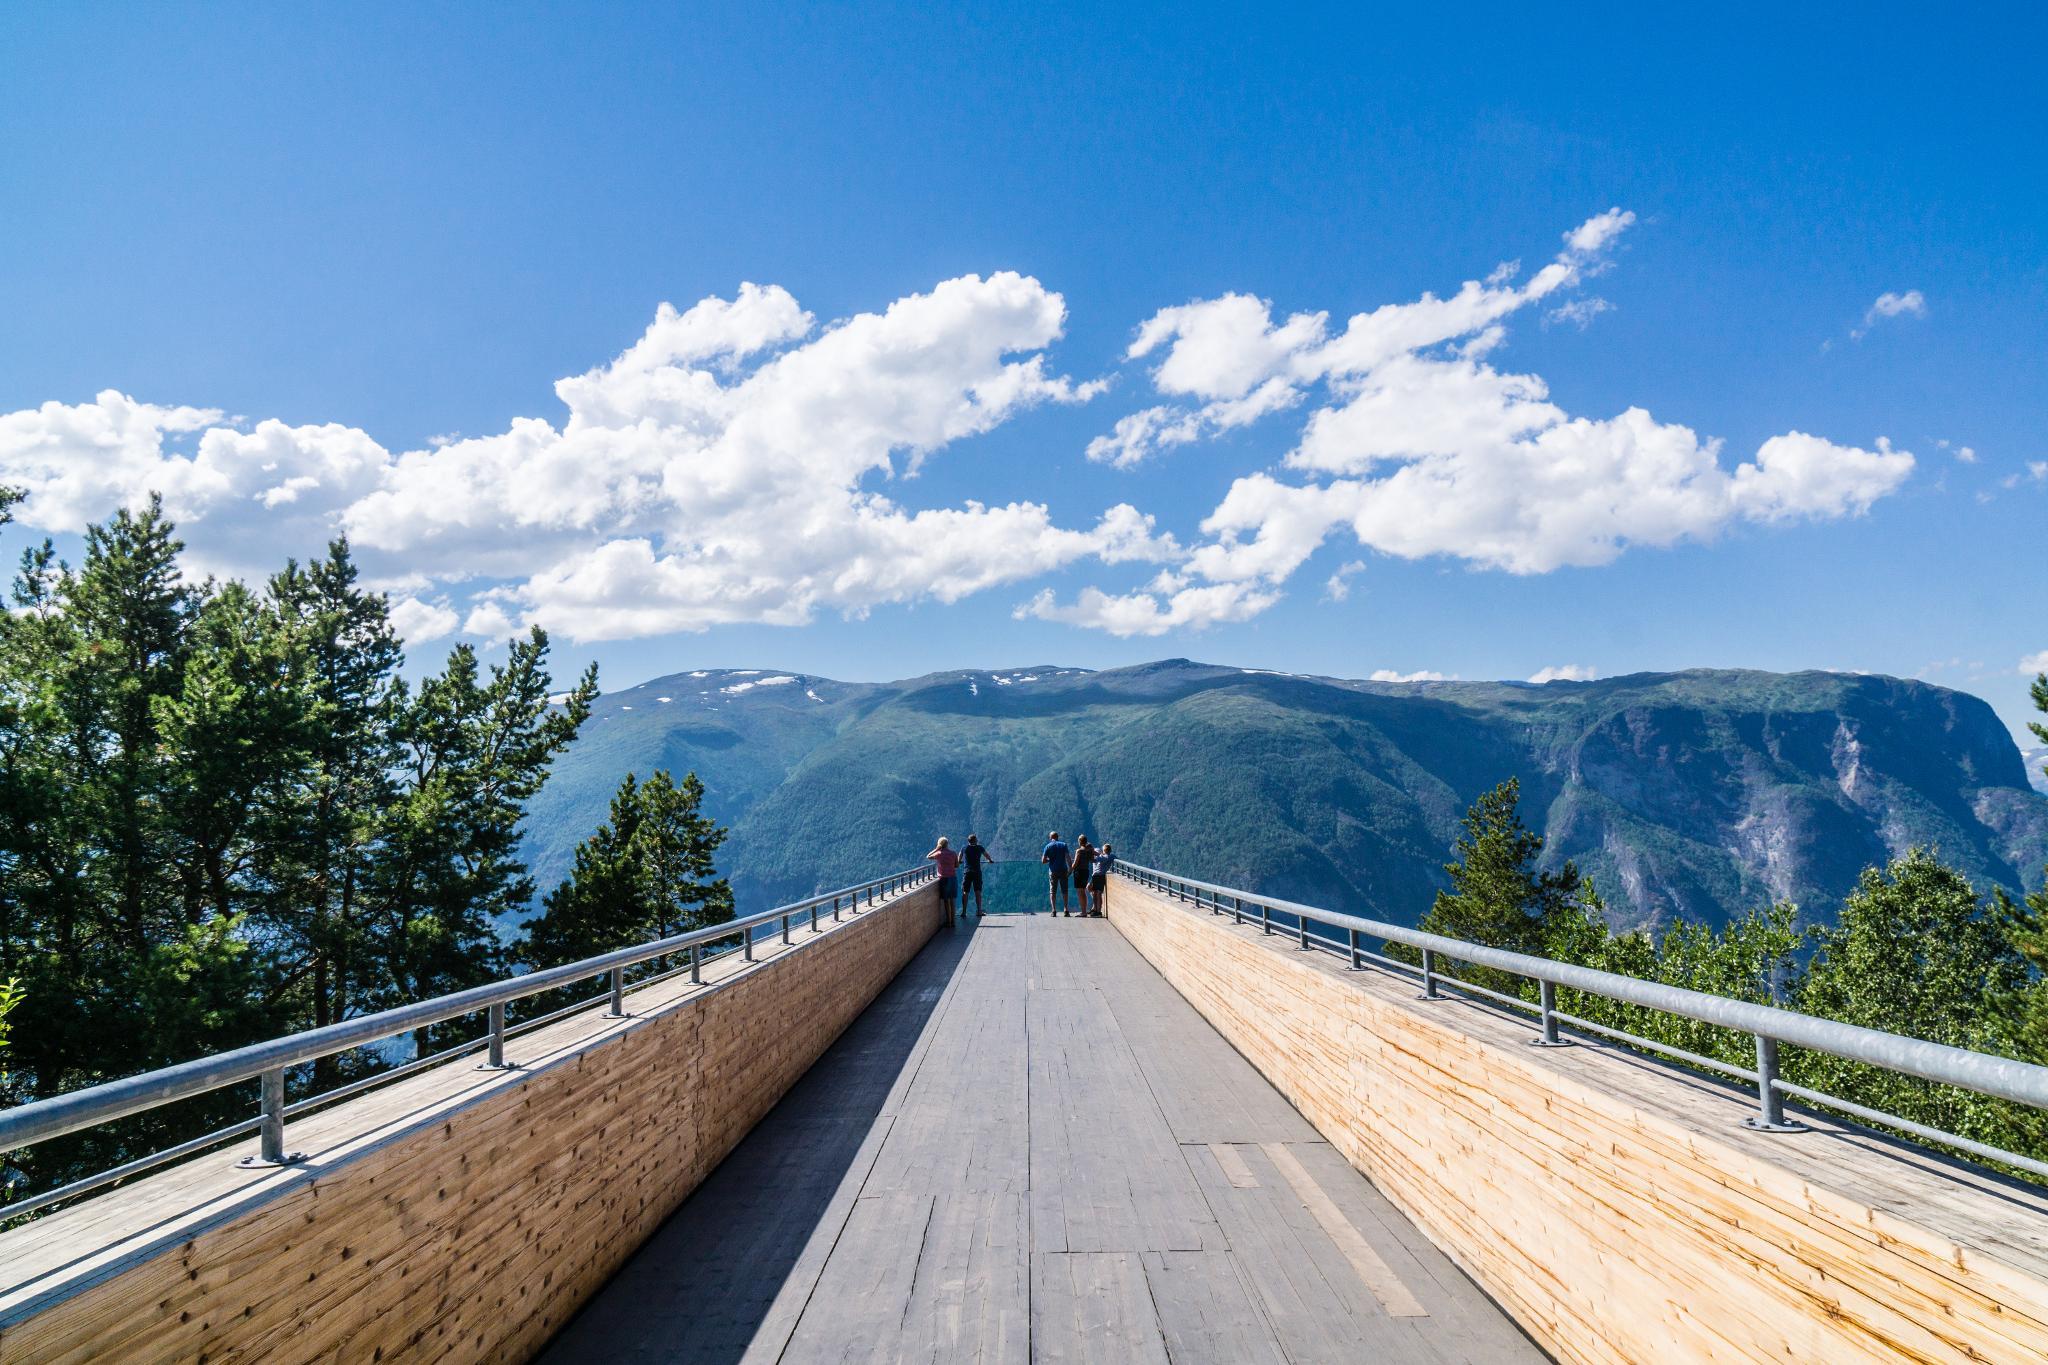 【北歐景點】世界最美景觀公路 - 俯瞰挪威松恩峽灣的 Fv243 雪之路 (Aurlandsfjellet) 29